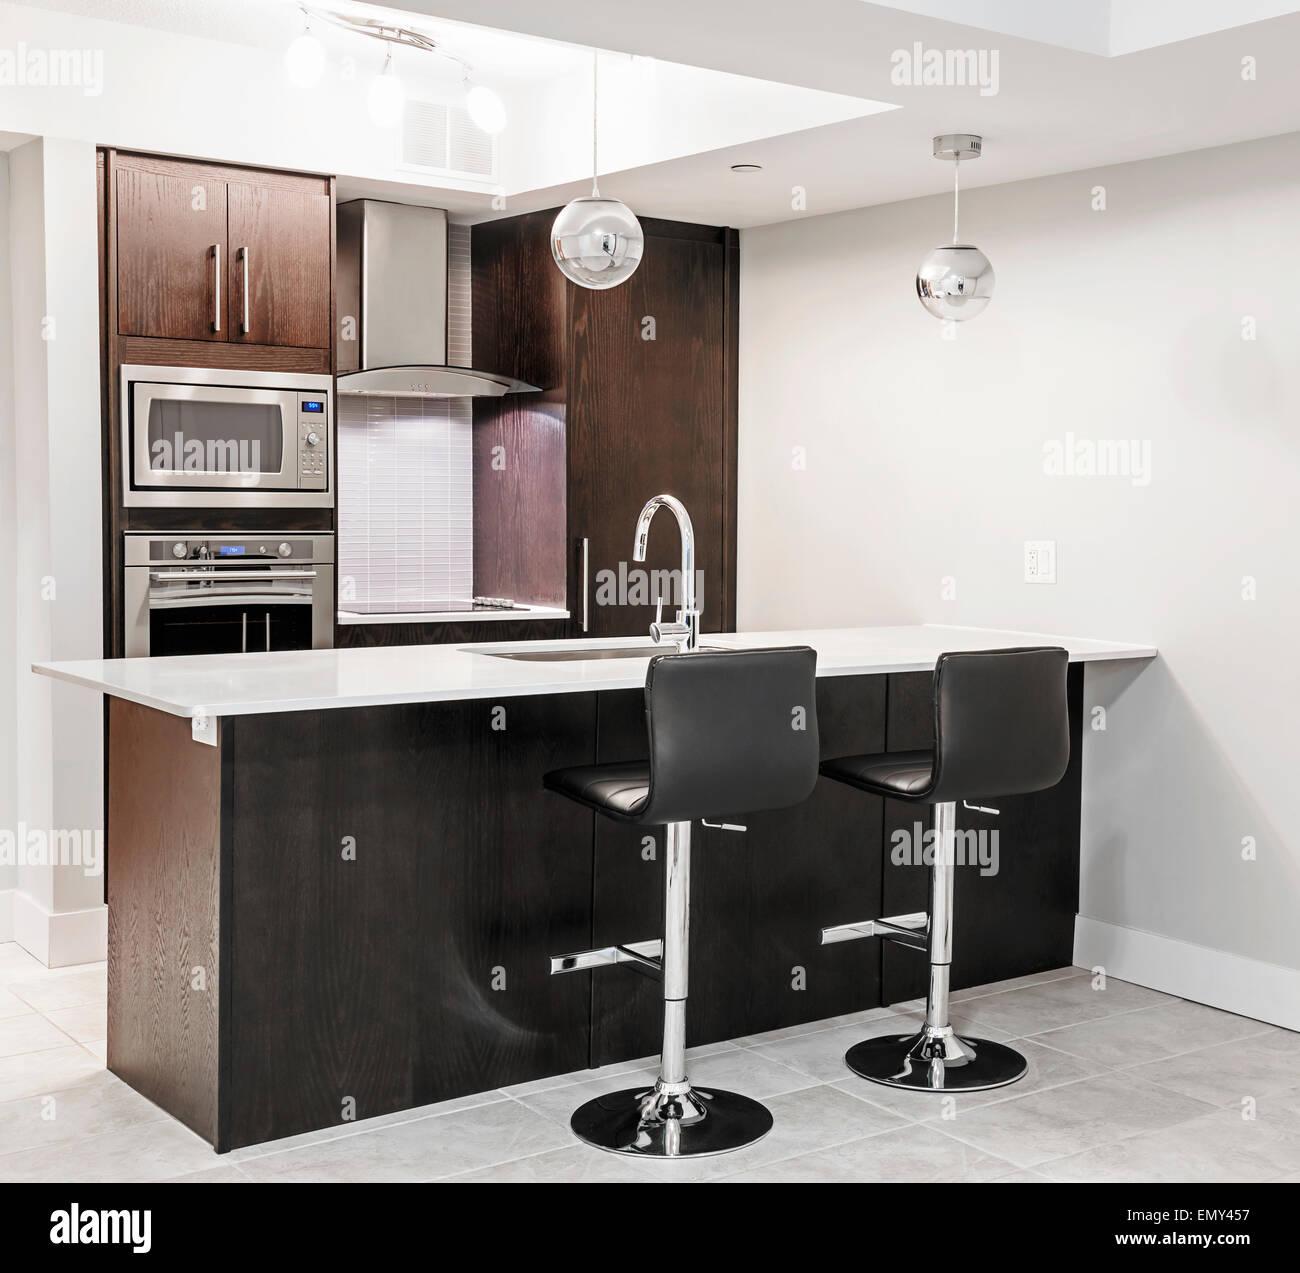 Miraculous Luxus Küche Decoration Of Moderne Küche Interieur Mit Dunklem Holz Schränke,